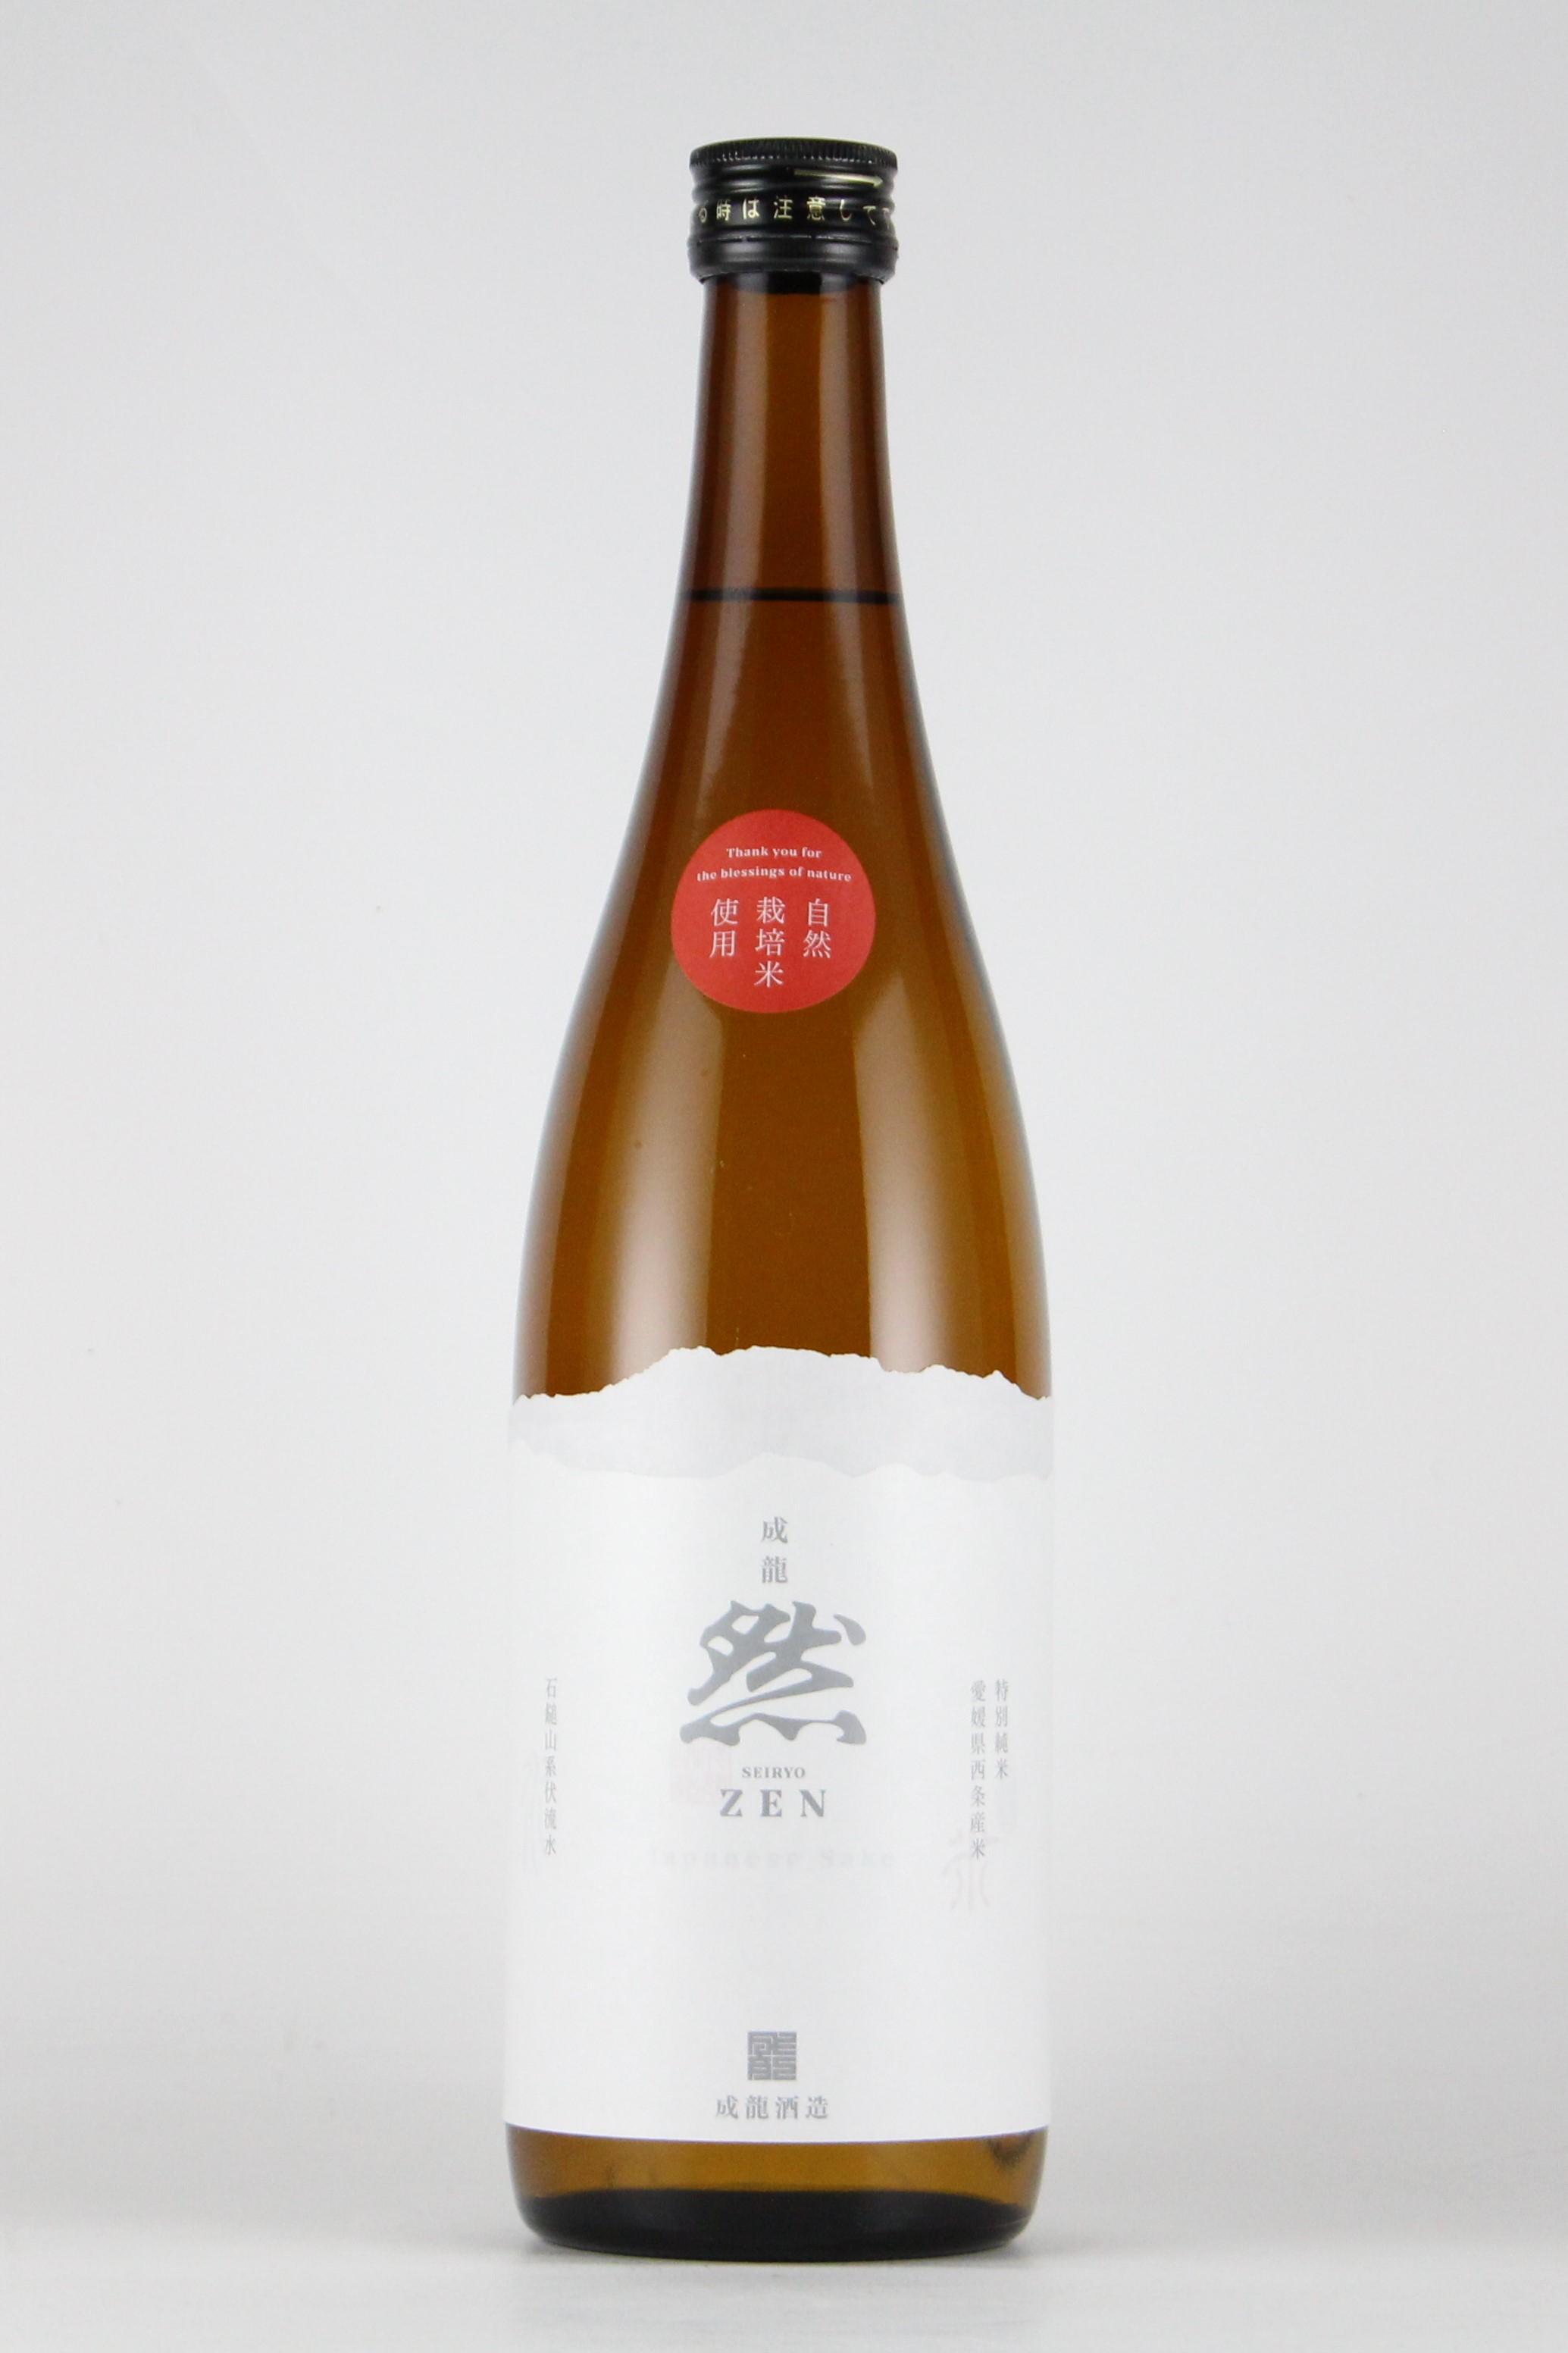 成龍 然ZEN 特別純米無濾過原酒 自然栽培米 720ml 【愛媛/成龍酒造】